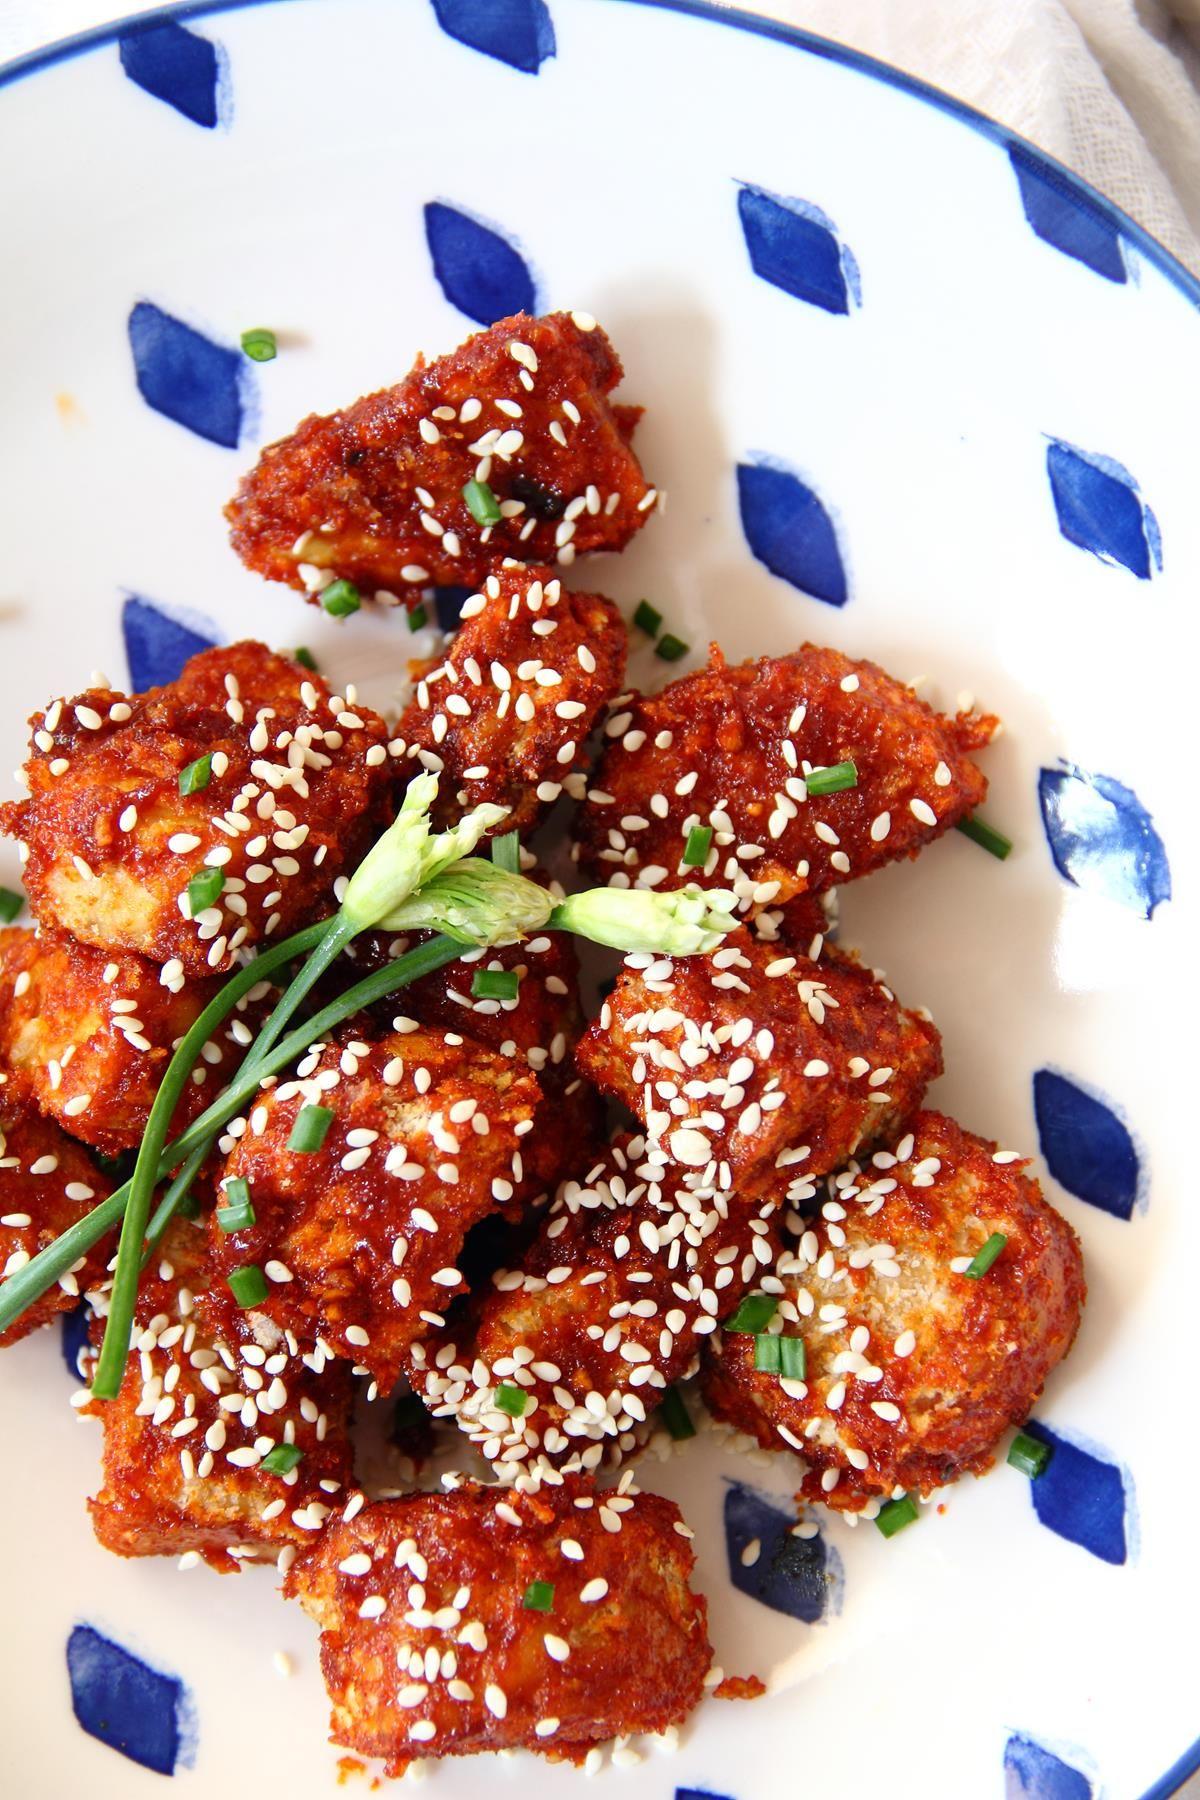 Vegan Korean Fried Tempeh Oilfree Air Fryer Recipe